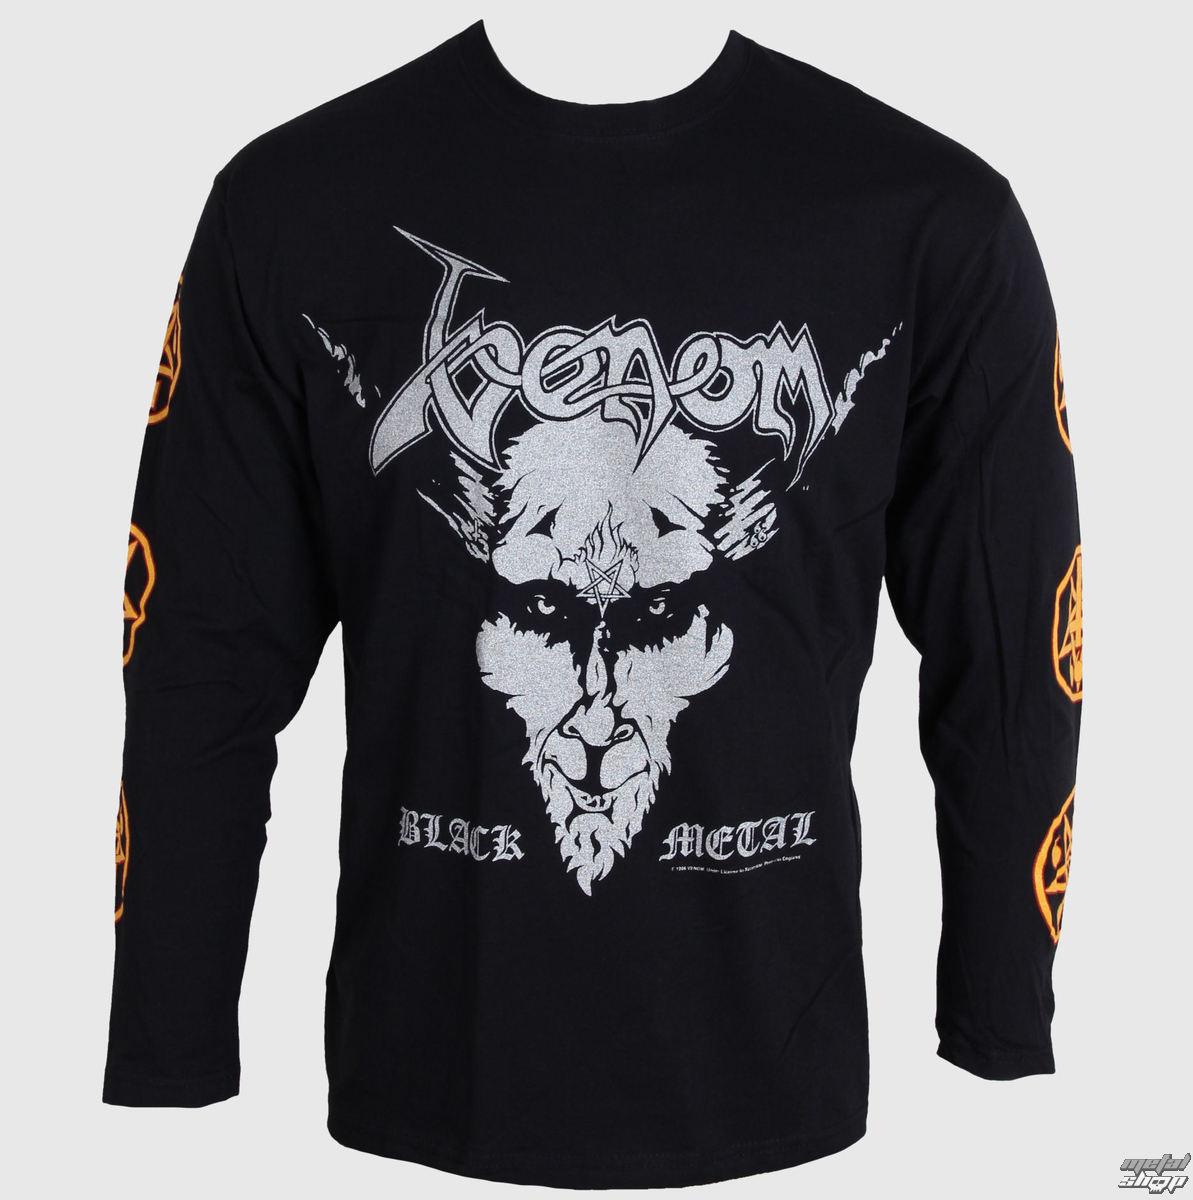 0a7278f30e hosszú ujjú férfi póló Venom - Black Metal - RAZAMATAZ - CL0008 ...